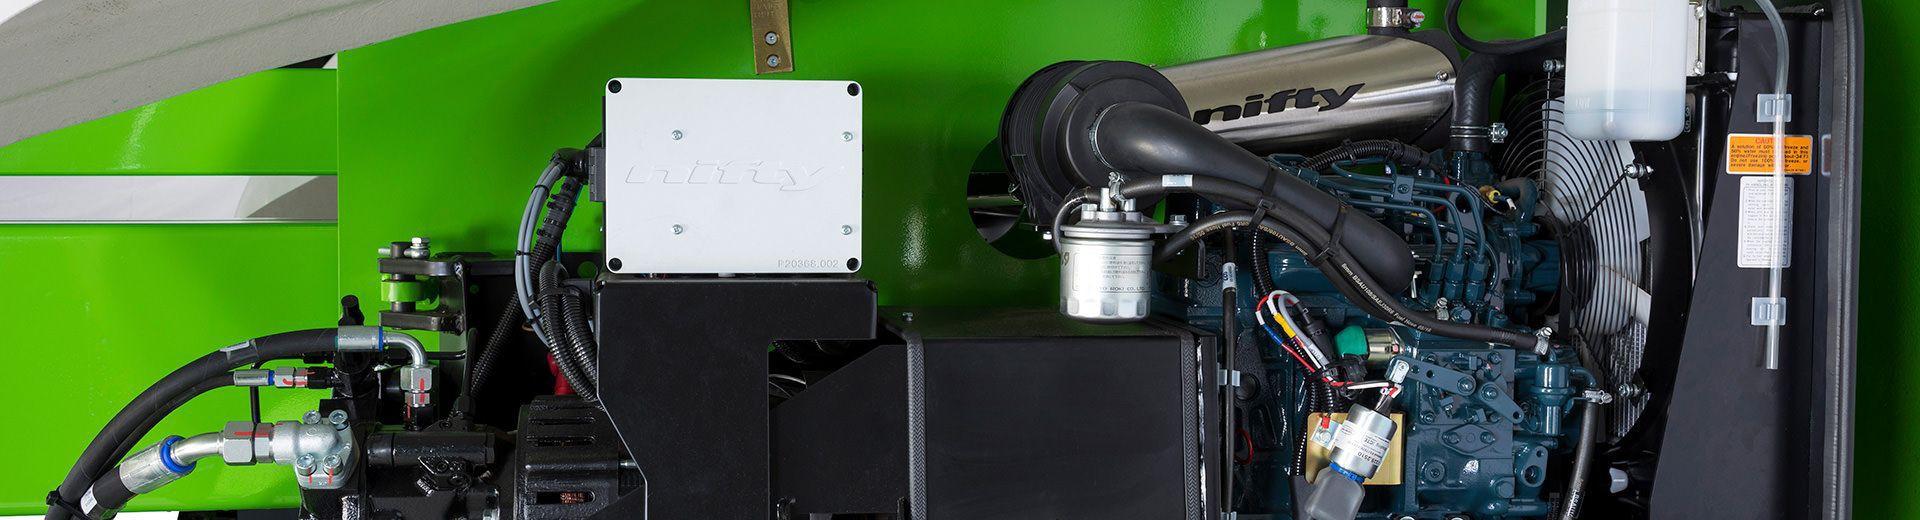 Program maszyn używanych